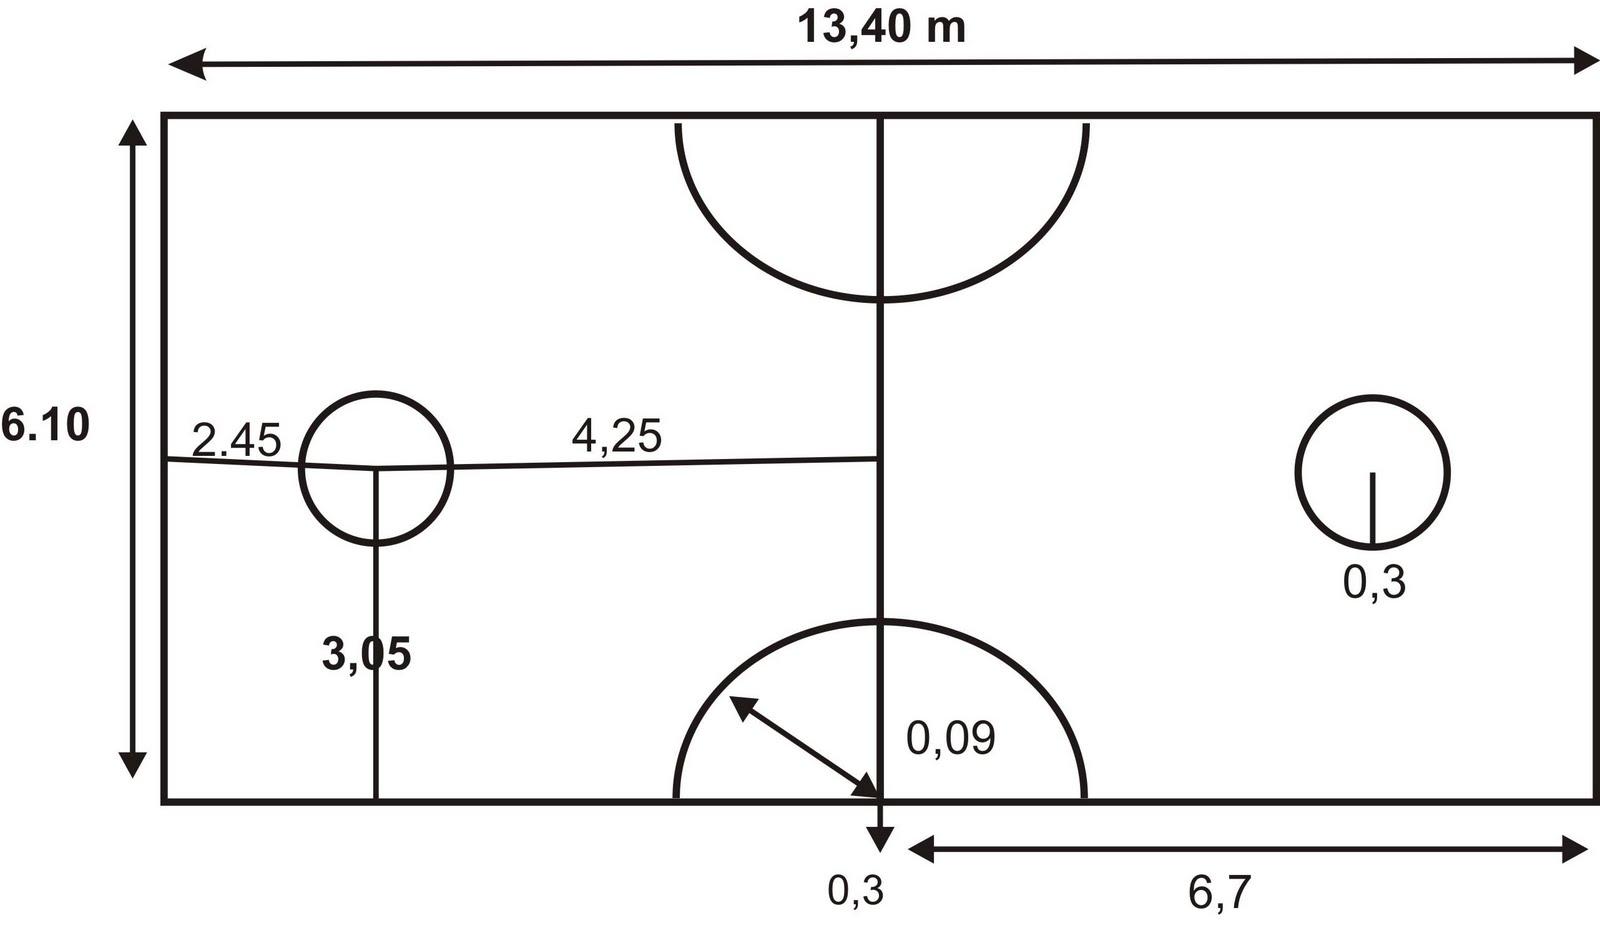 Gambar dan Ukuran Lapangan Sepak Takraw   ATURAN PERMAINAN